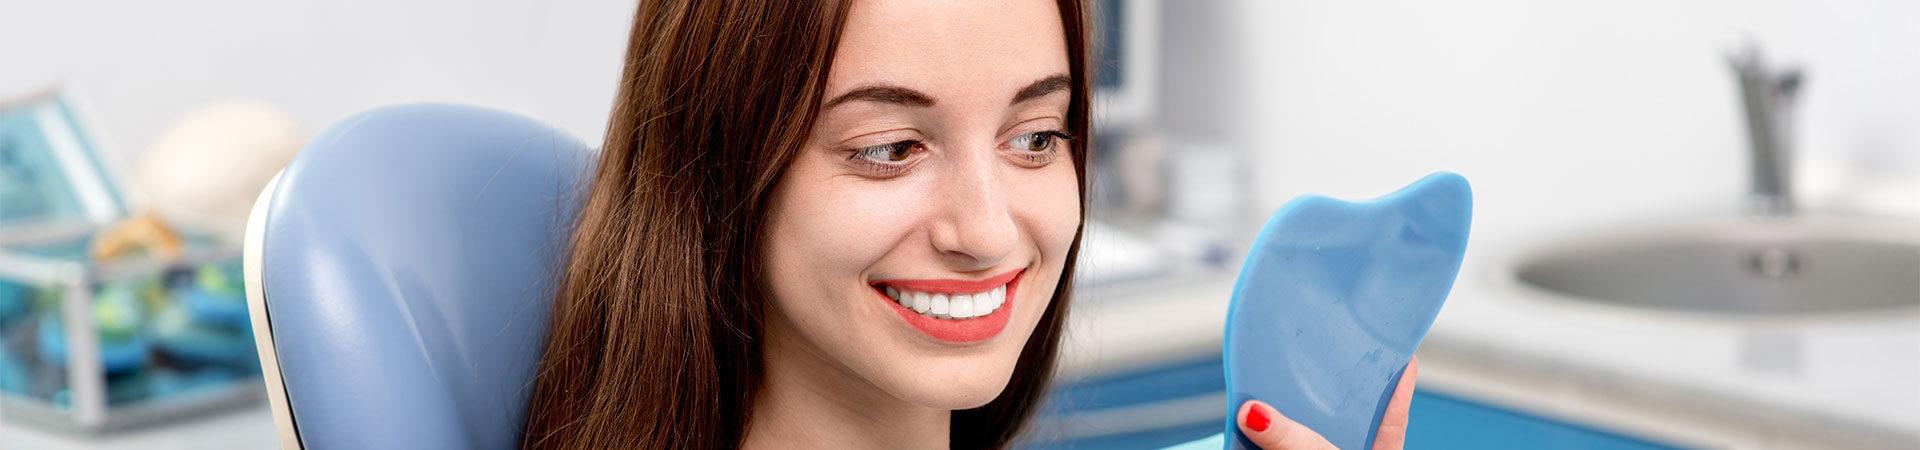 Dental Exams & Cleanings